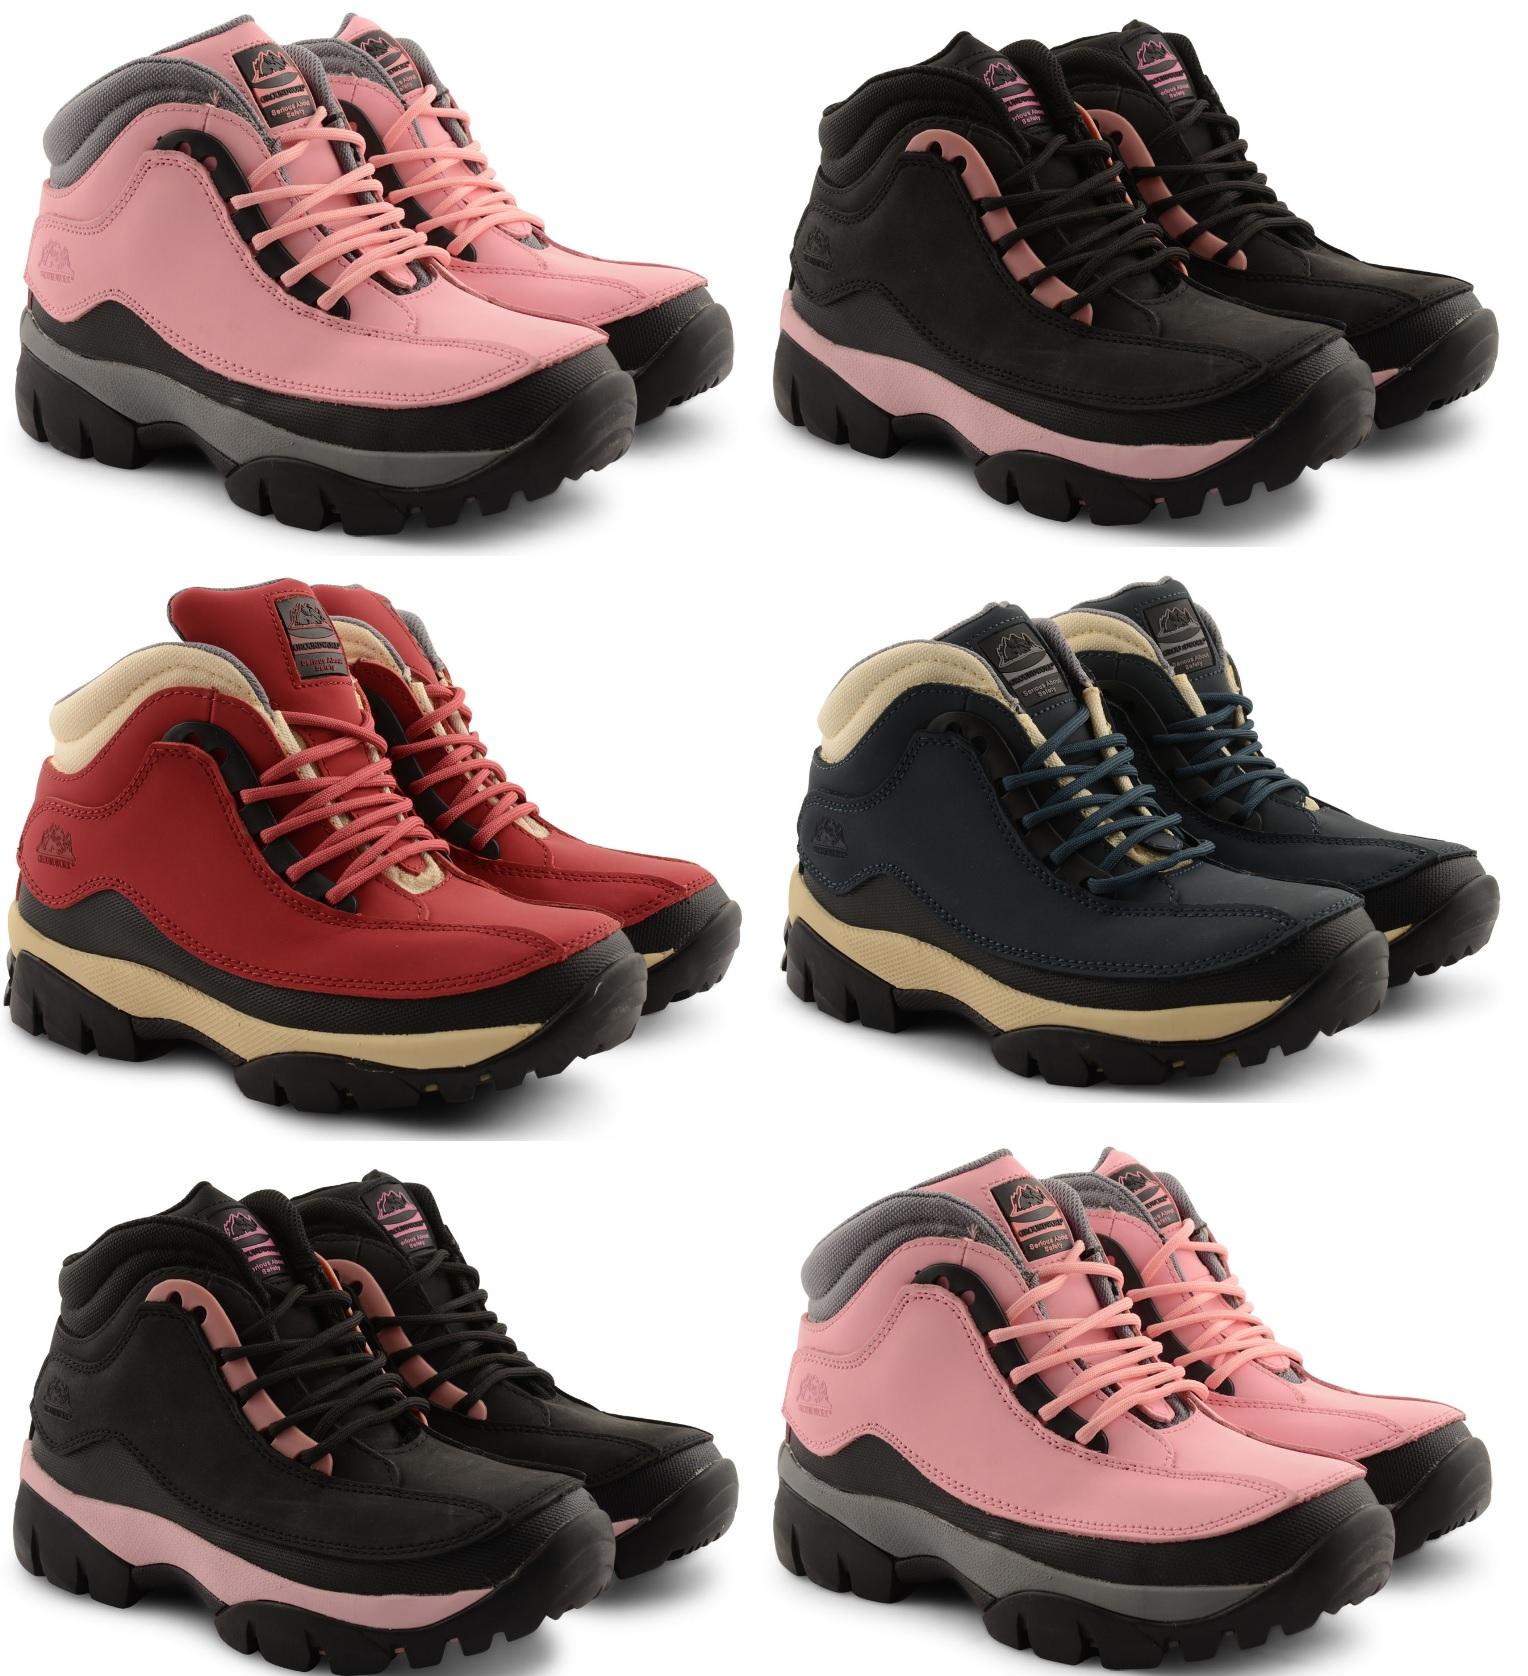 Mujer puntera de acero zapatillas groundwork safety - Botas de trabajo ...